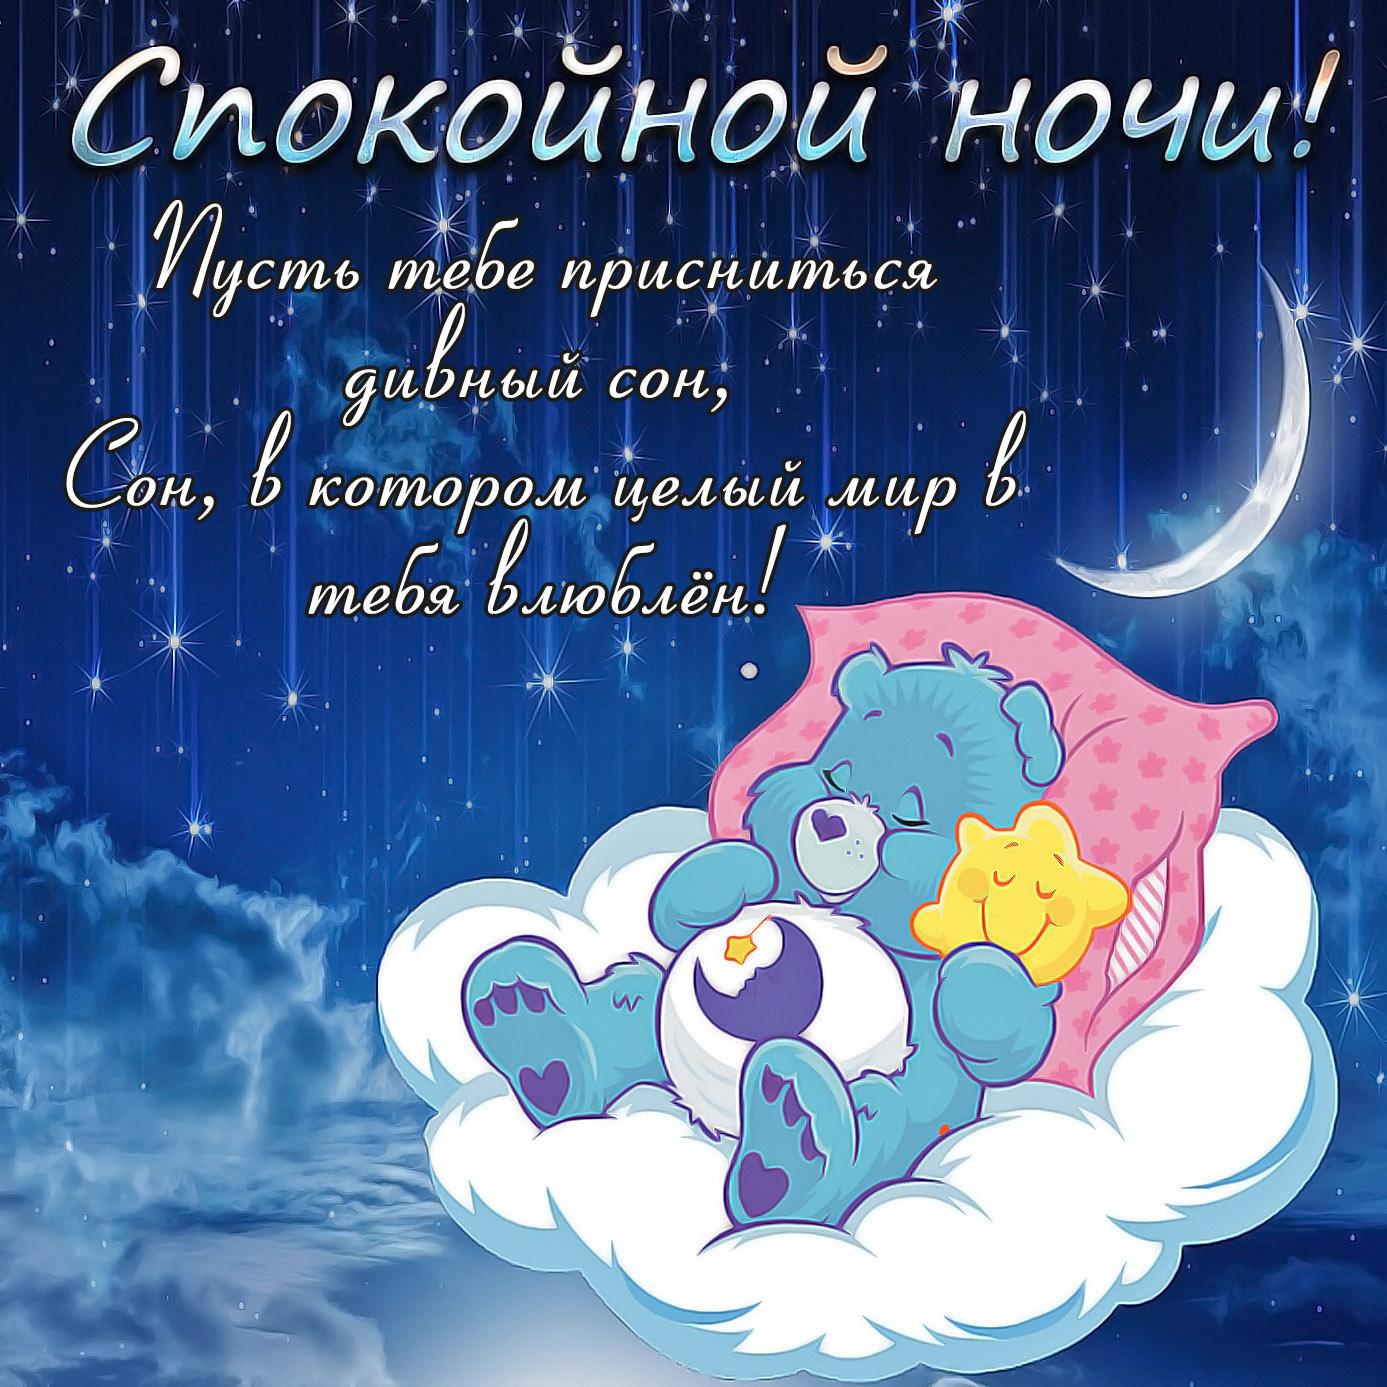 Спокойной ночи сладкий мой открытка